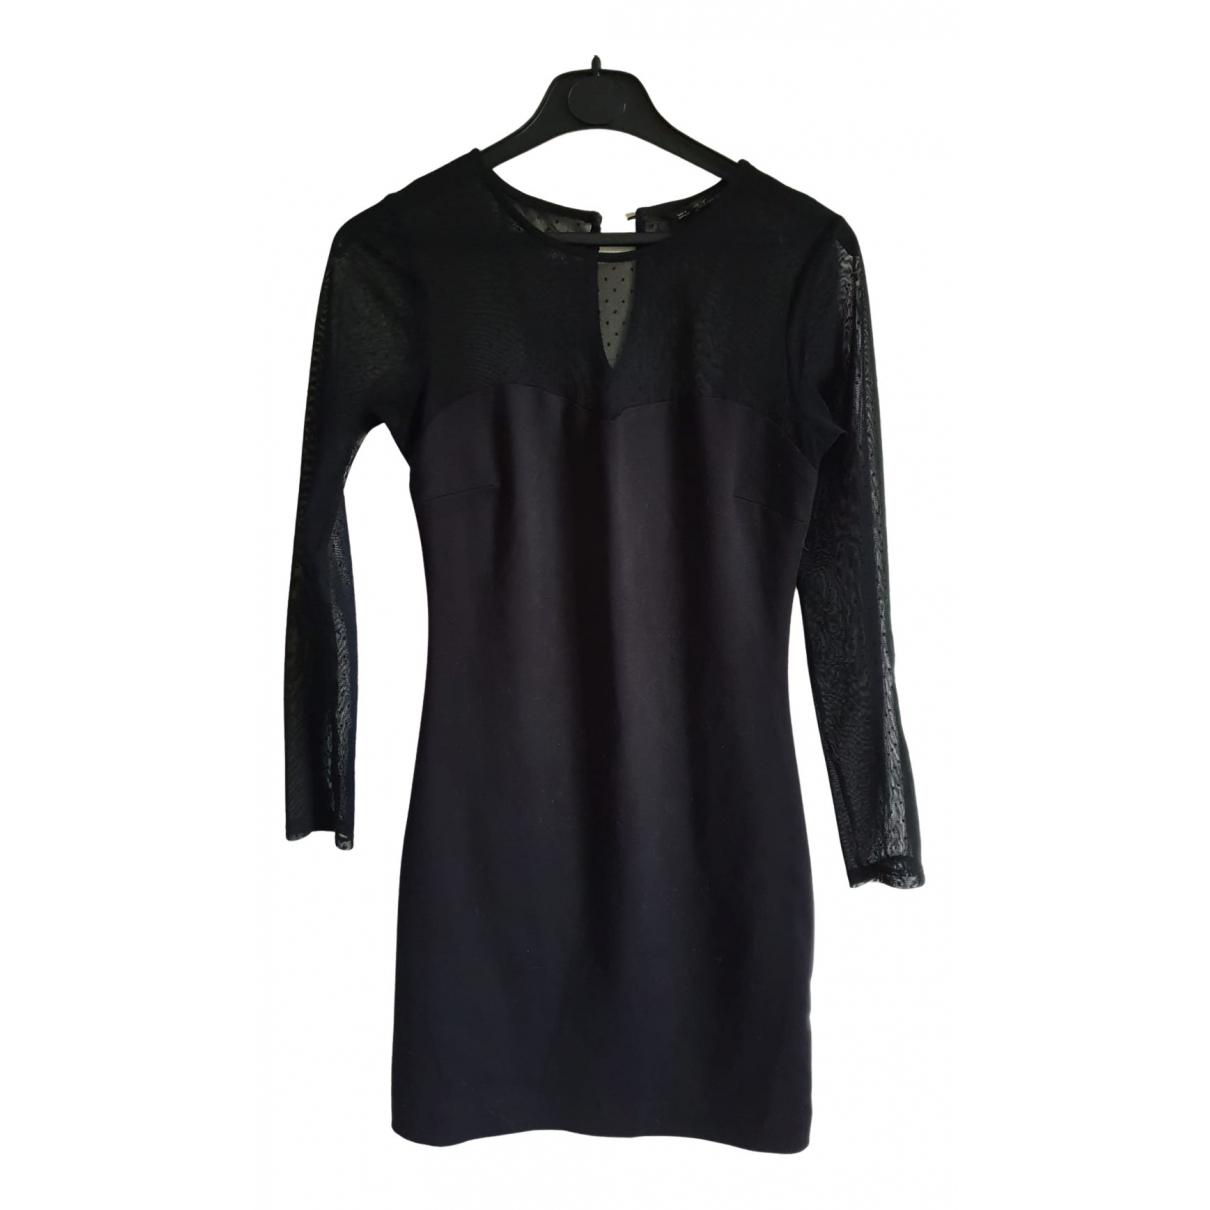 Zara N Black dress for Women 38 FR